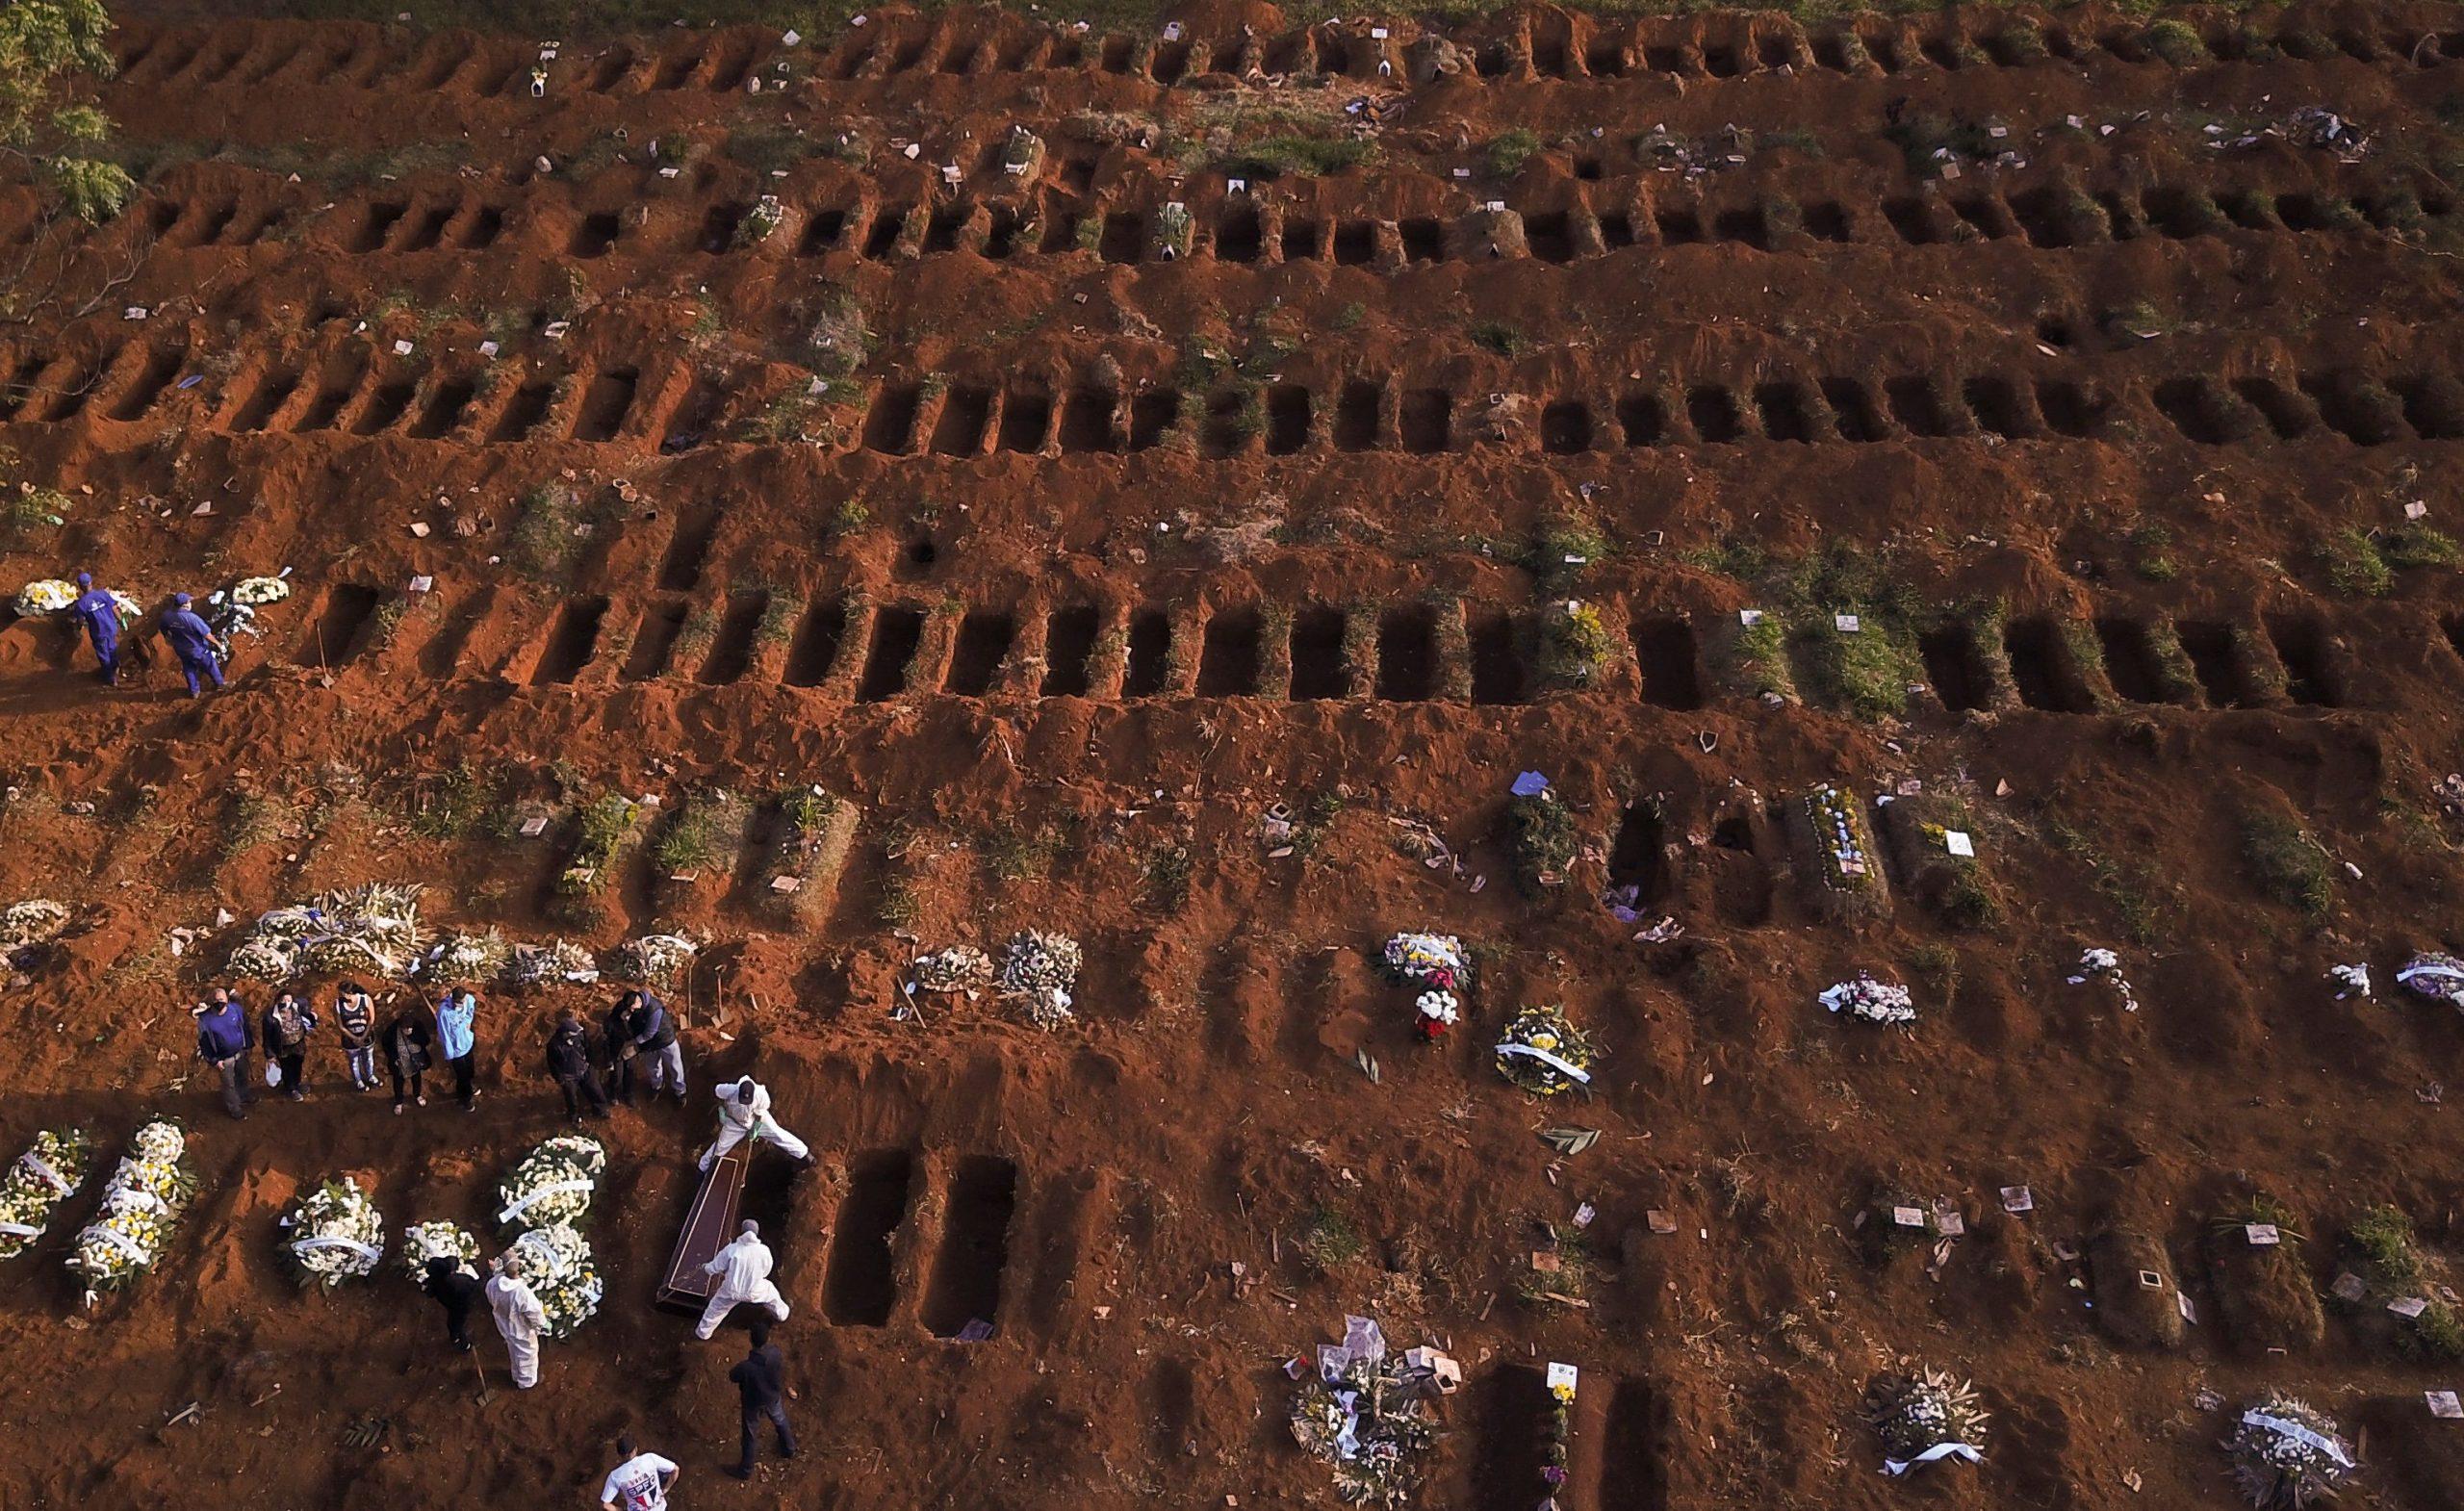 Brasil ultrapassa Espanha em mortes por Covid-19